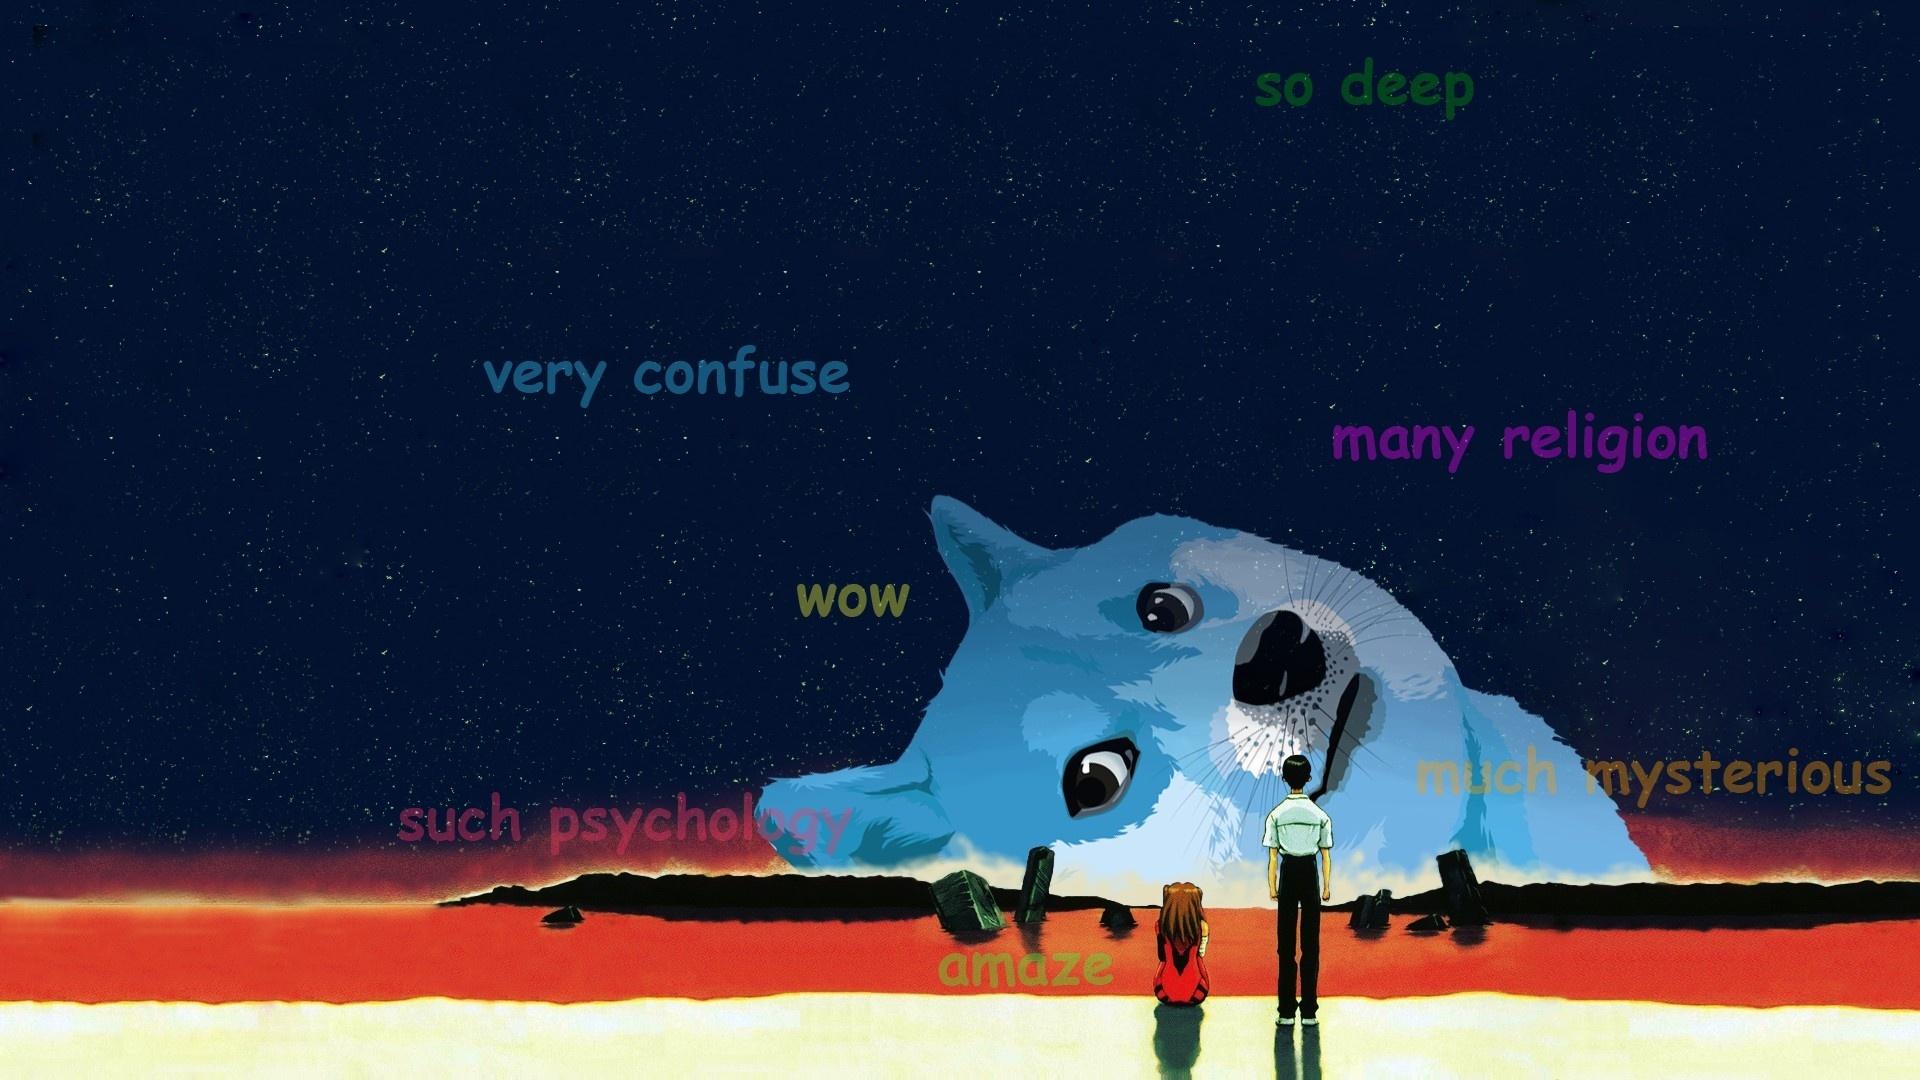 Doge Meme cool background